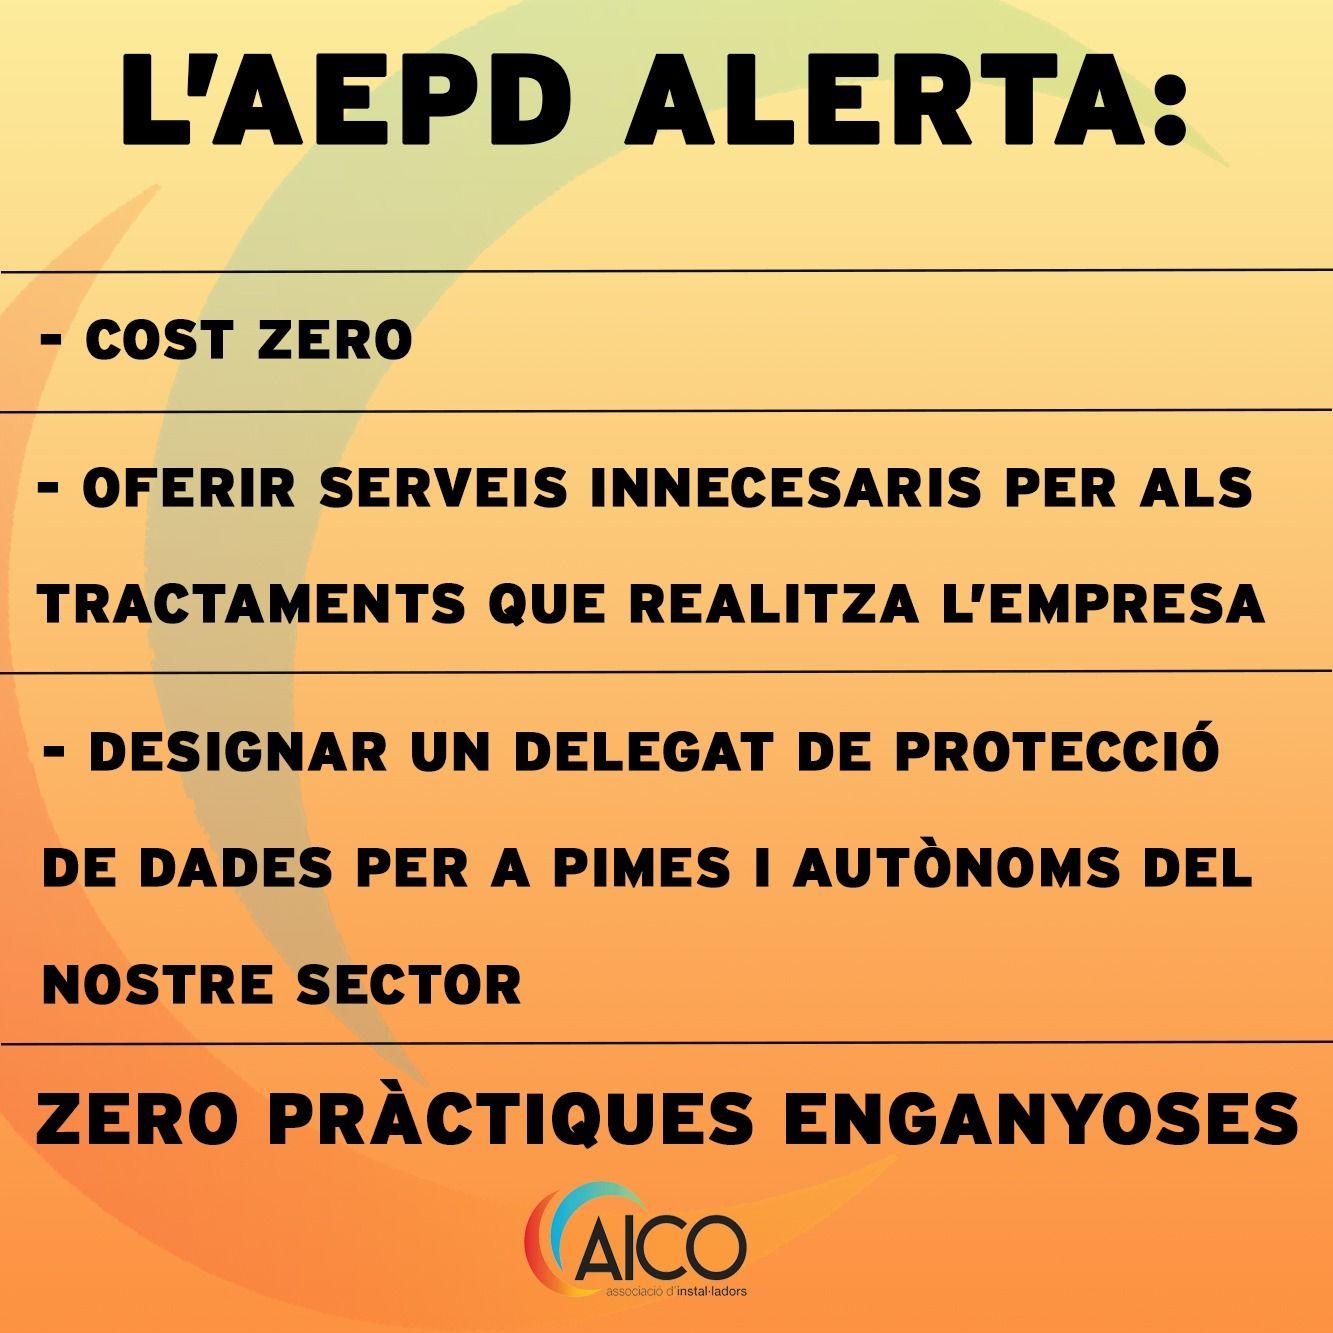 Aepd Alerta Cost Zero Aico